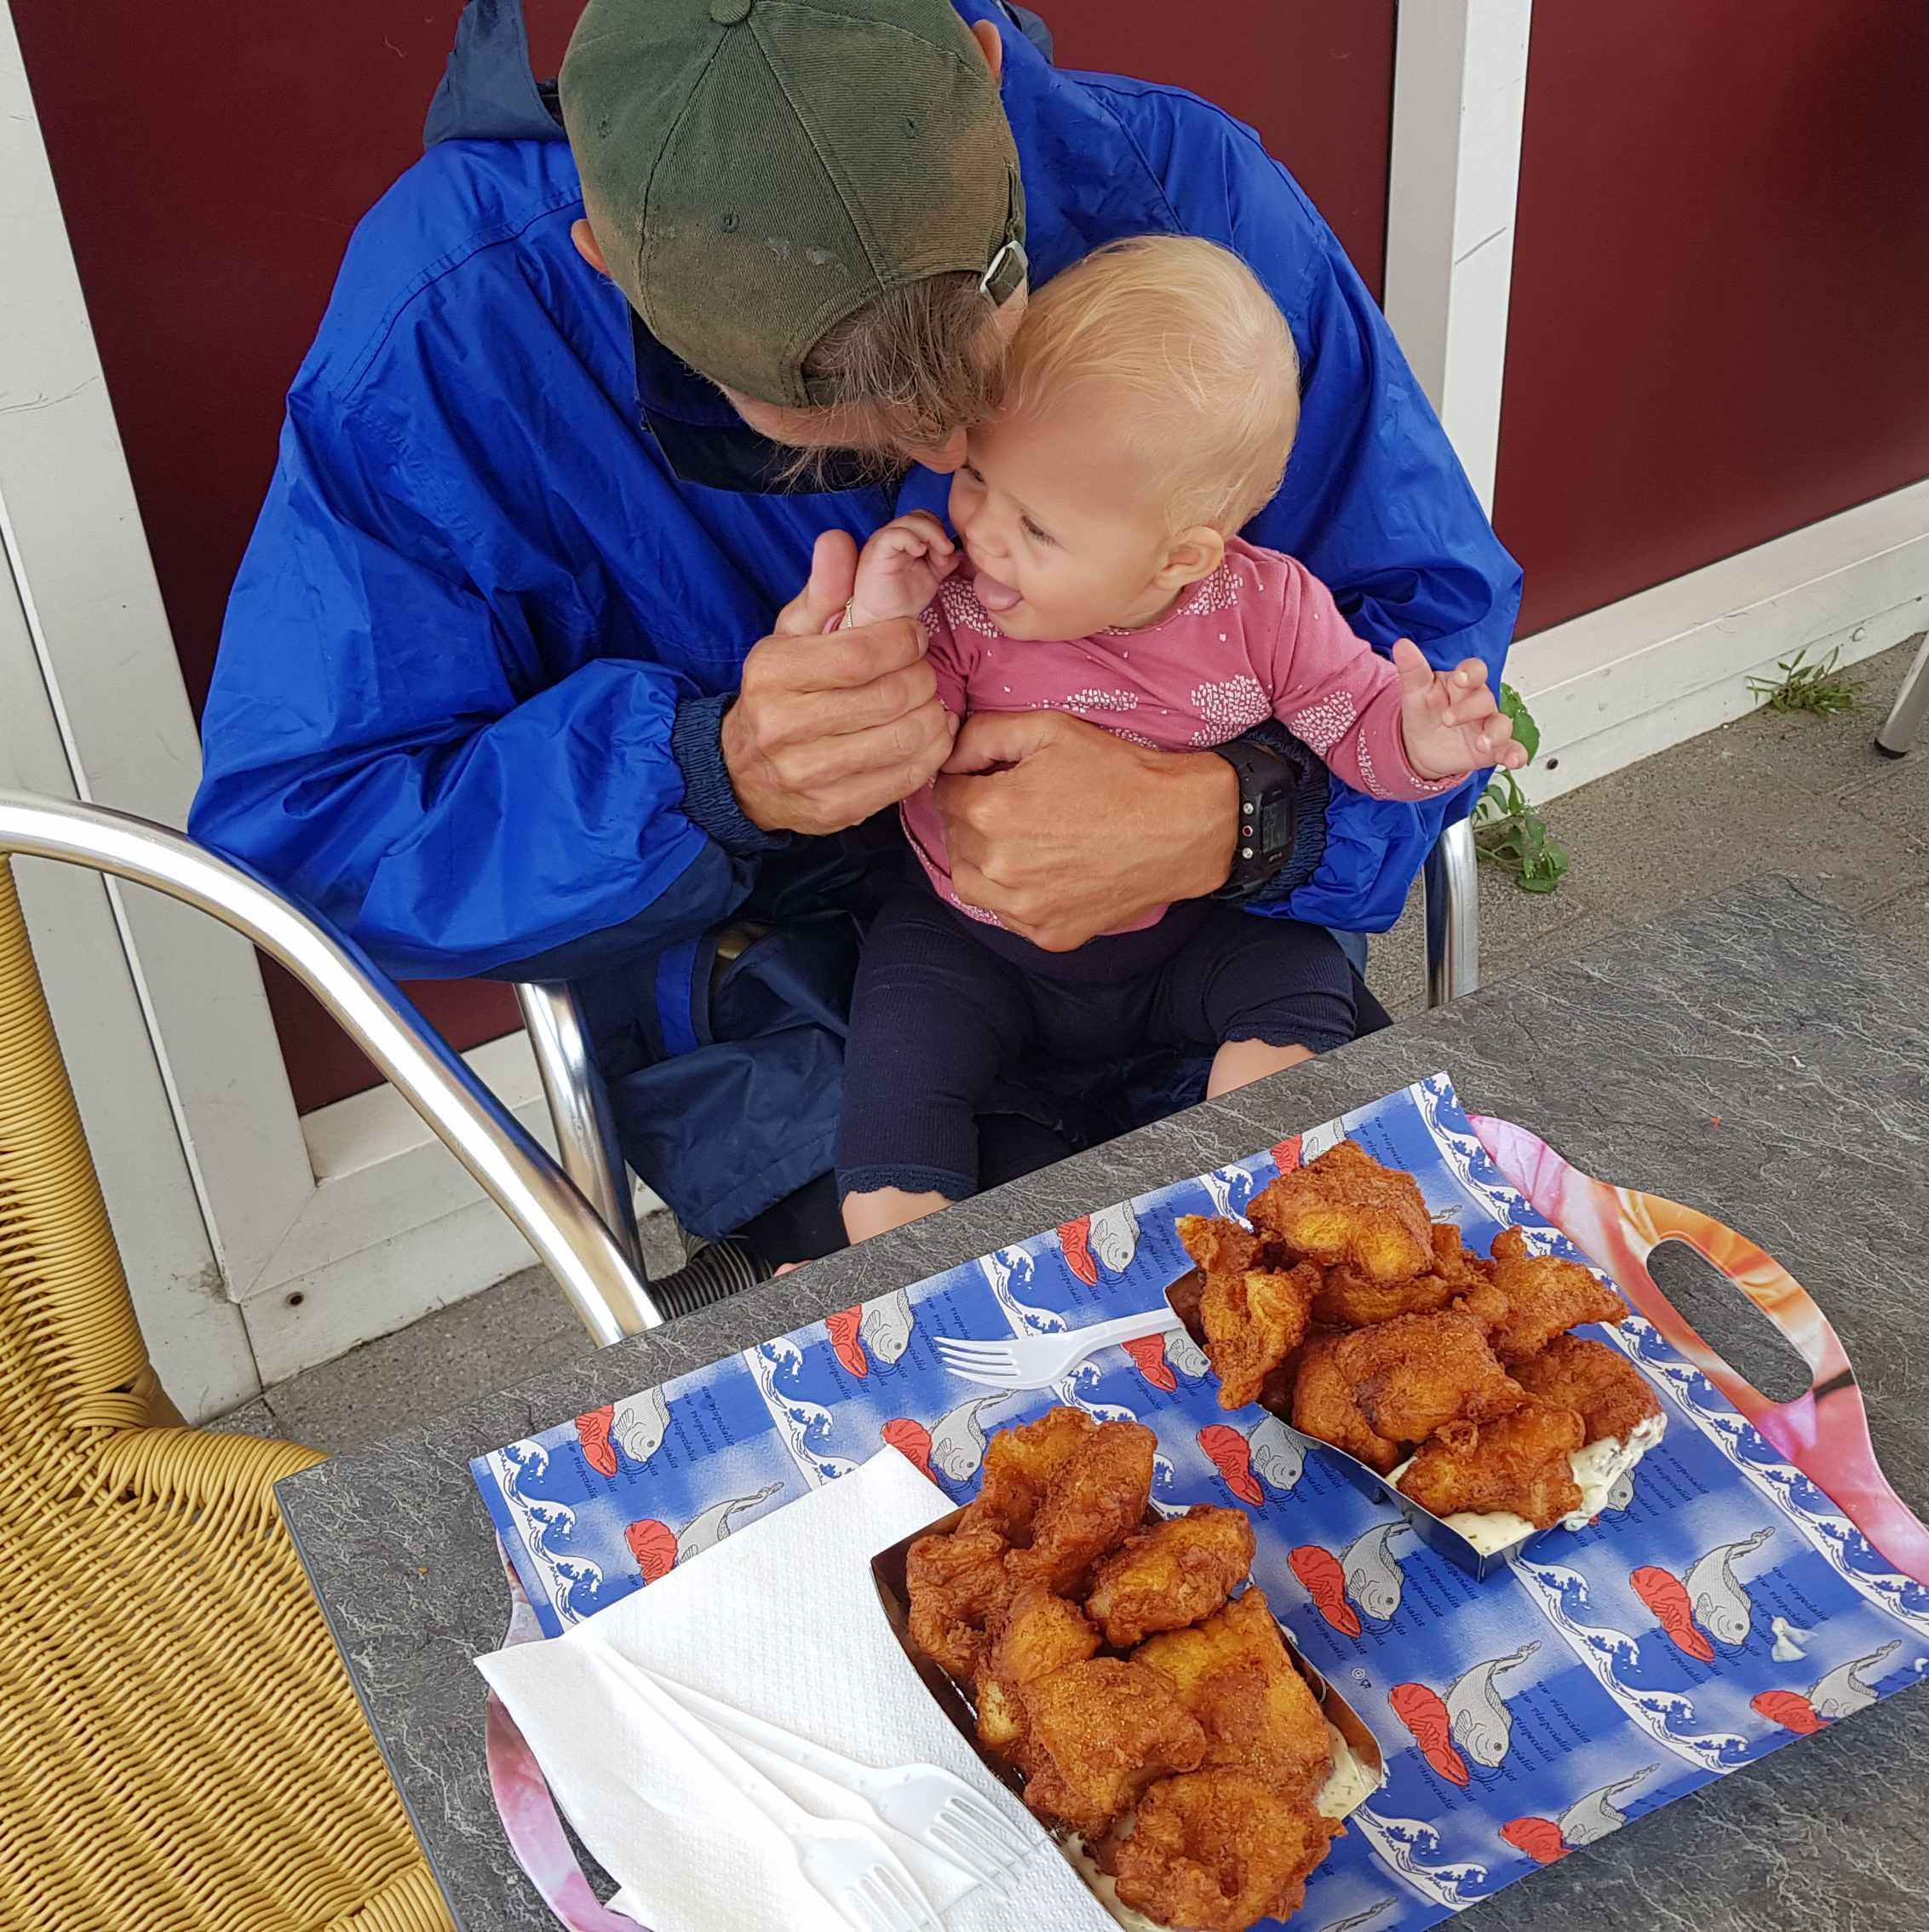 Rondje-Nederland-met-baby-kibbelingen-onderweg